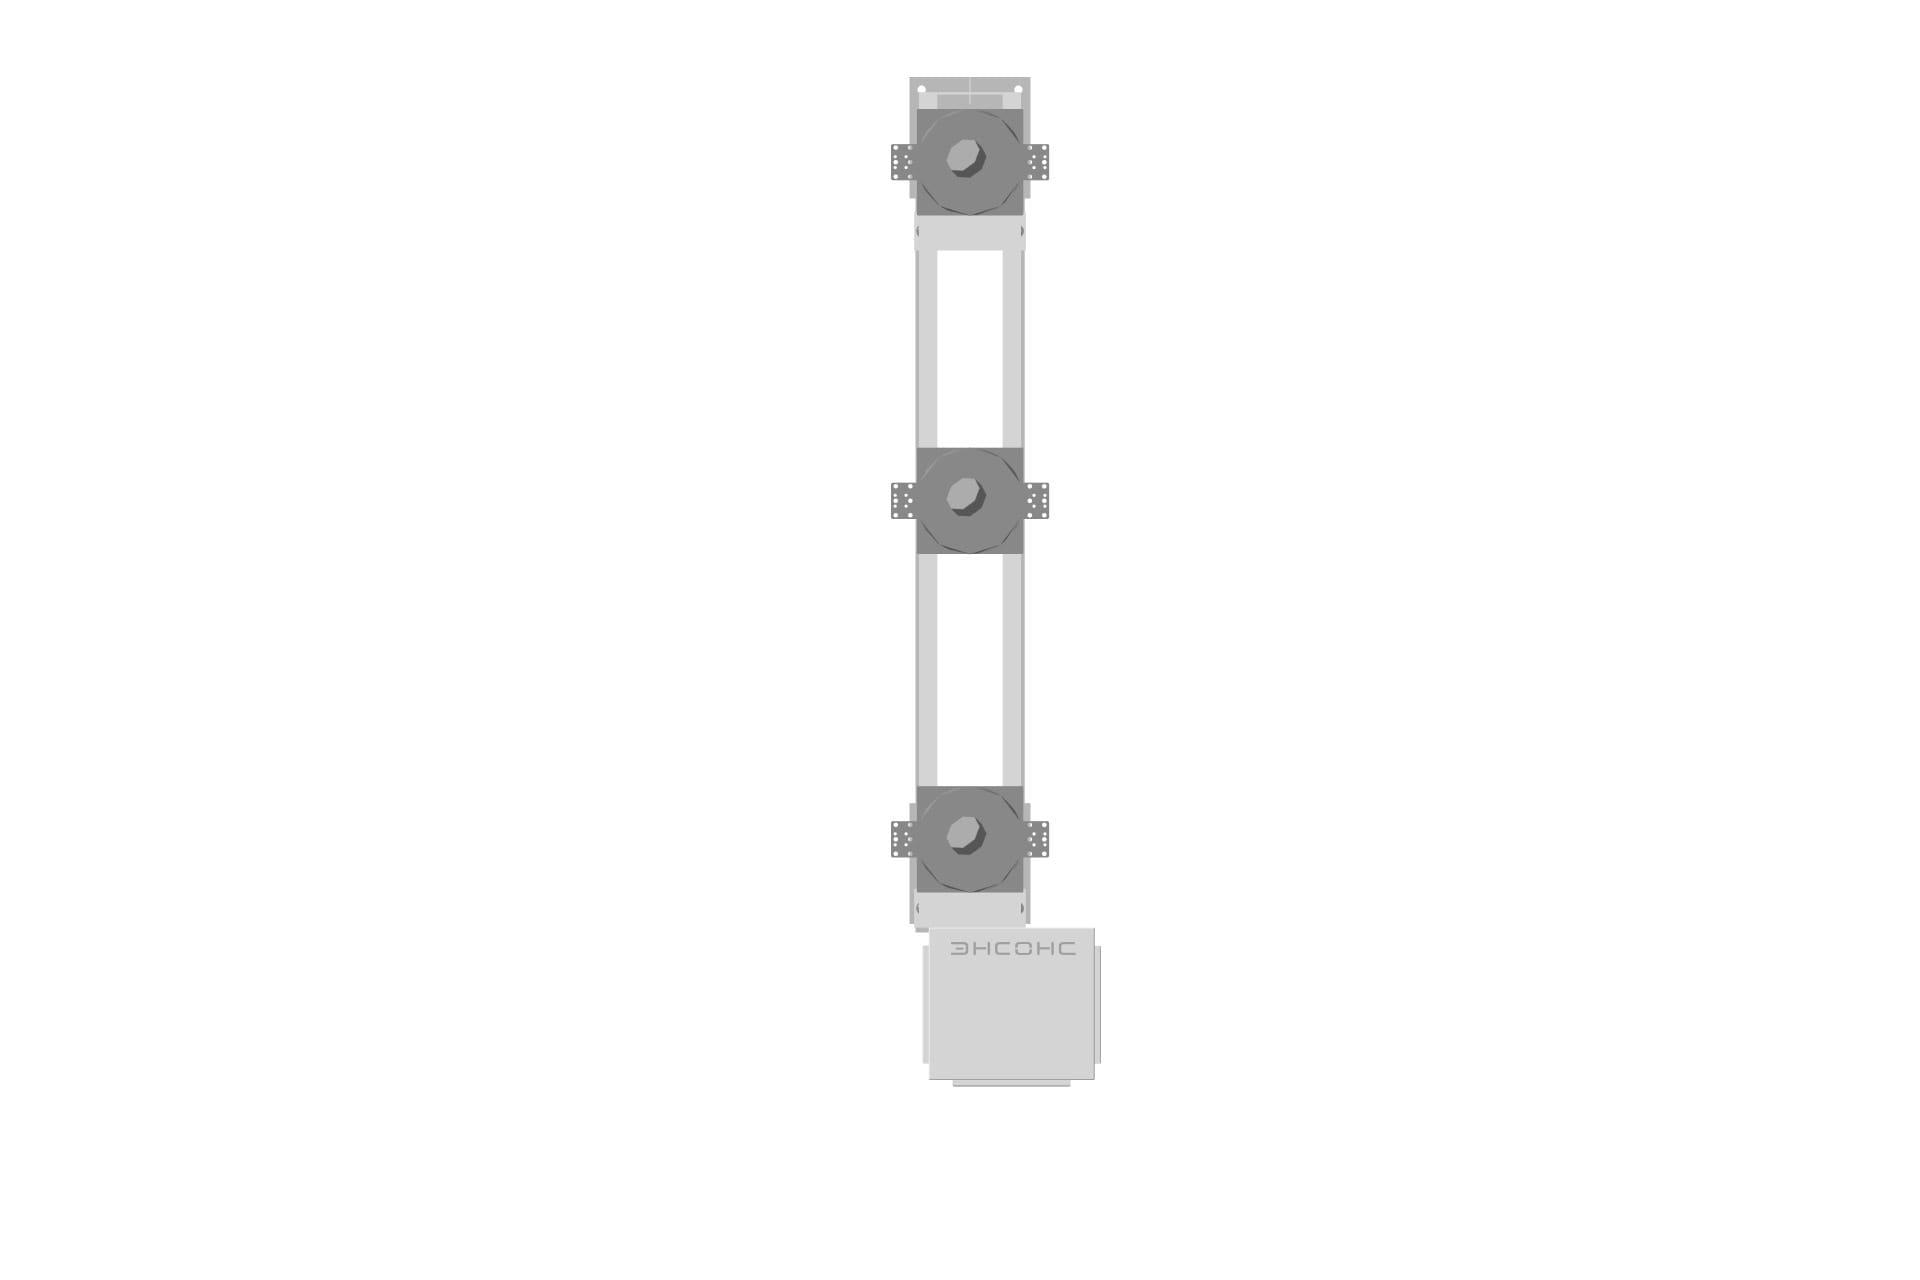 Ensons - Блок колонкового выключателя 110 кВ